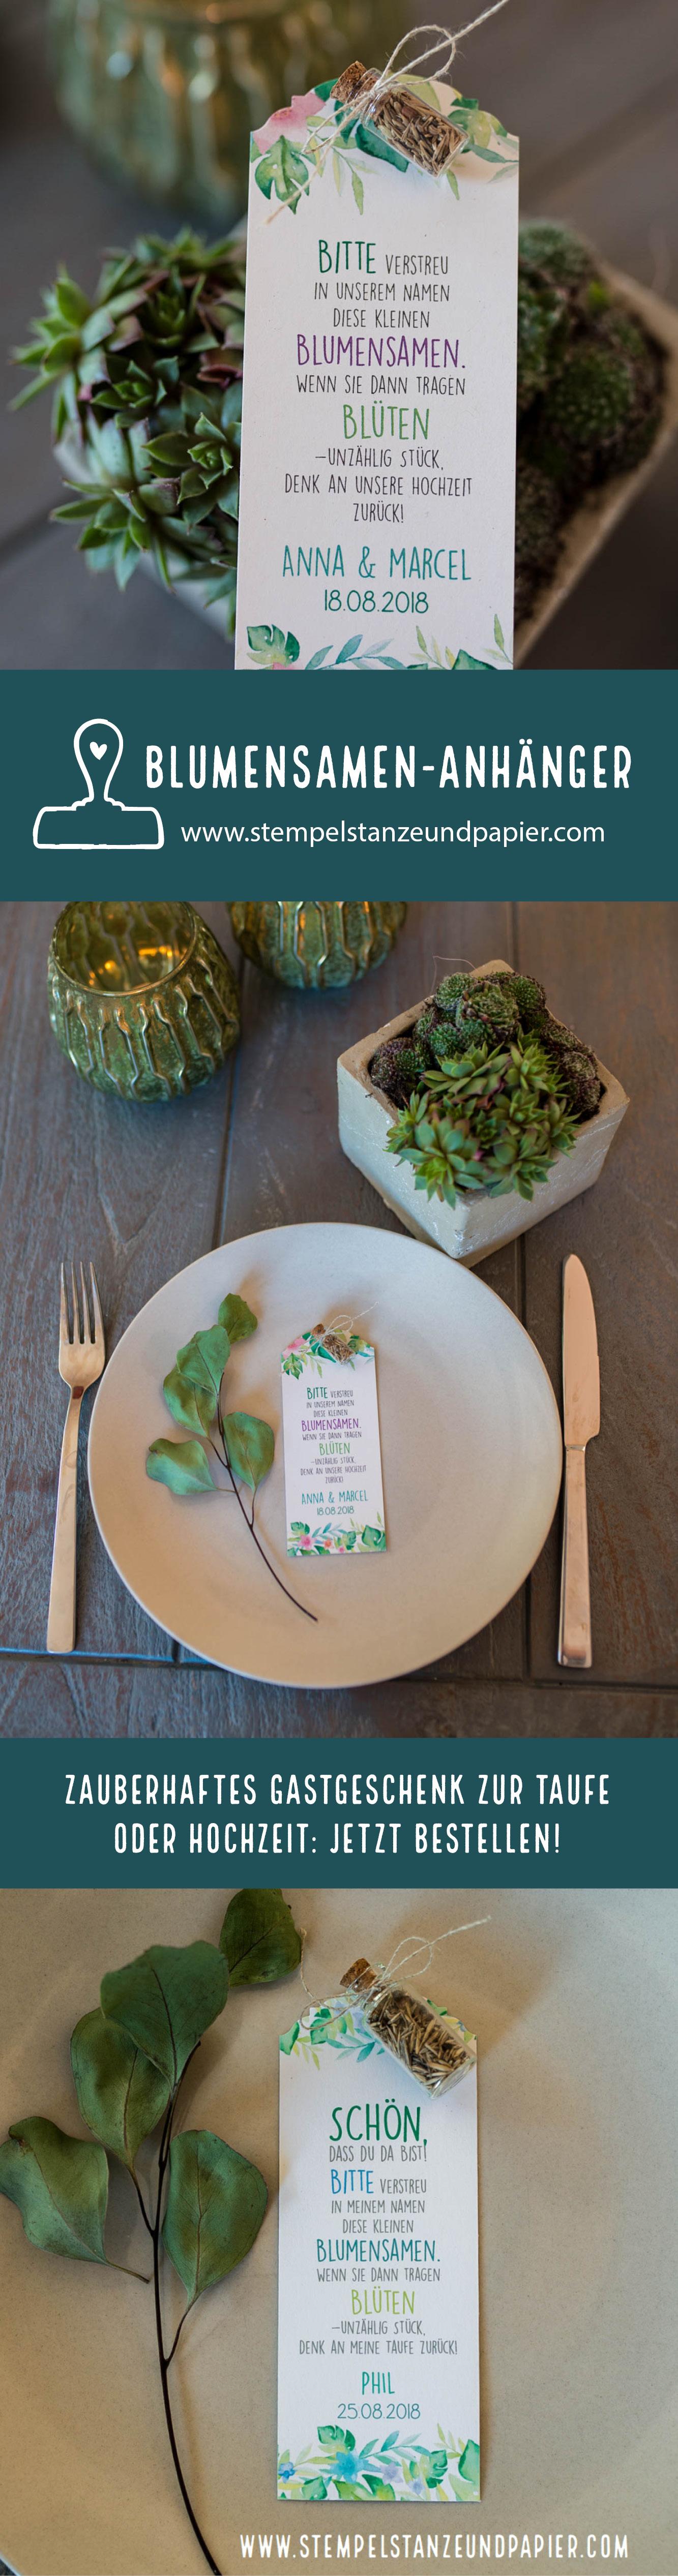 Gastgeschenk Blumensamenanhänger zur taufe hochzeitstempelstanzeundpapier